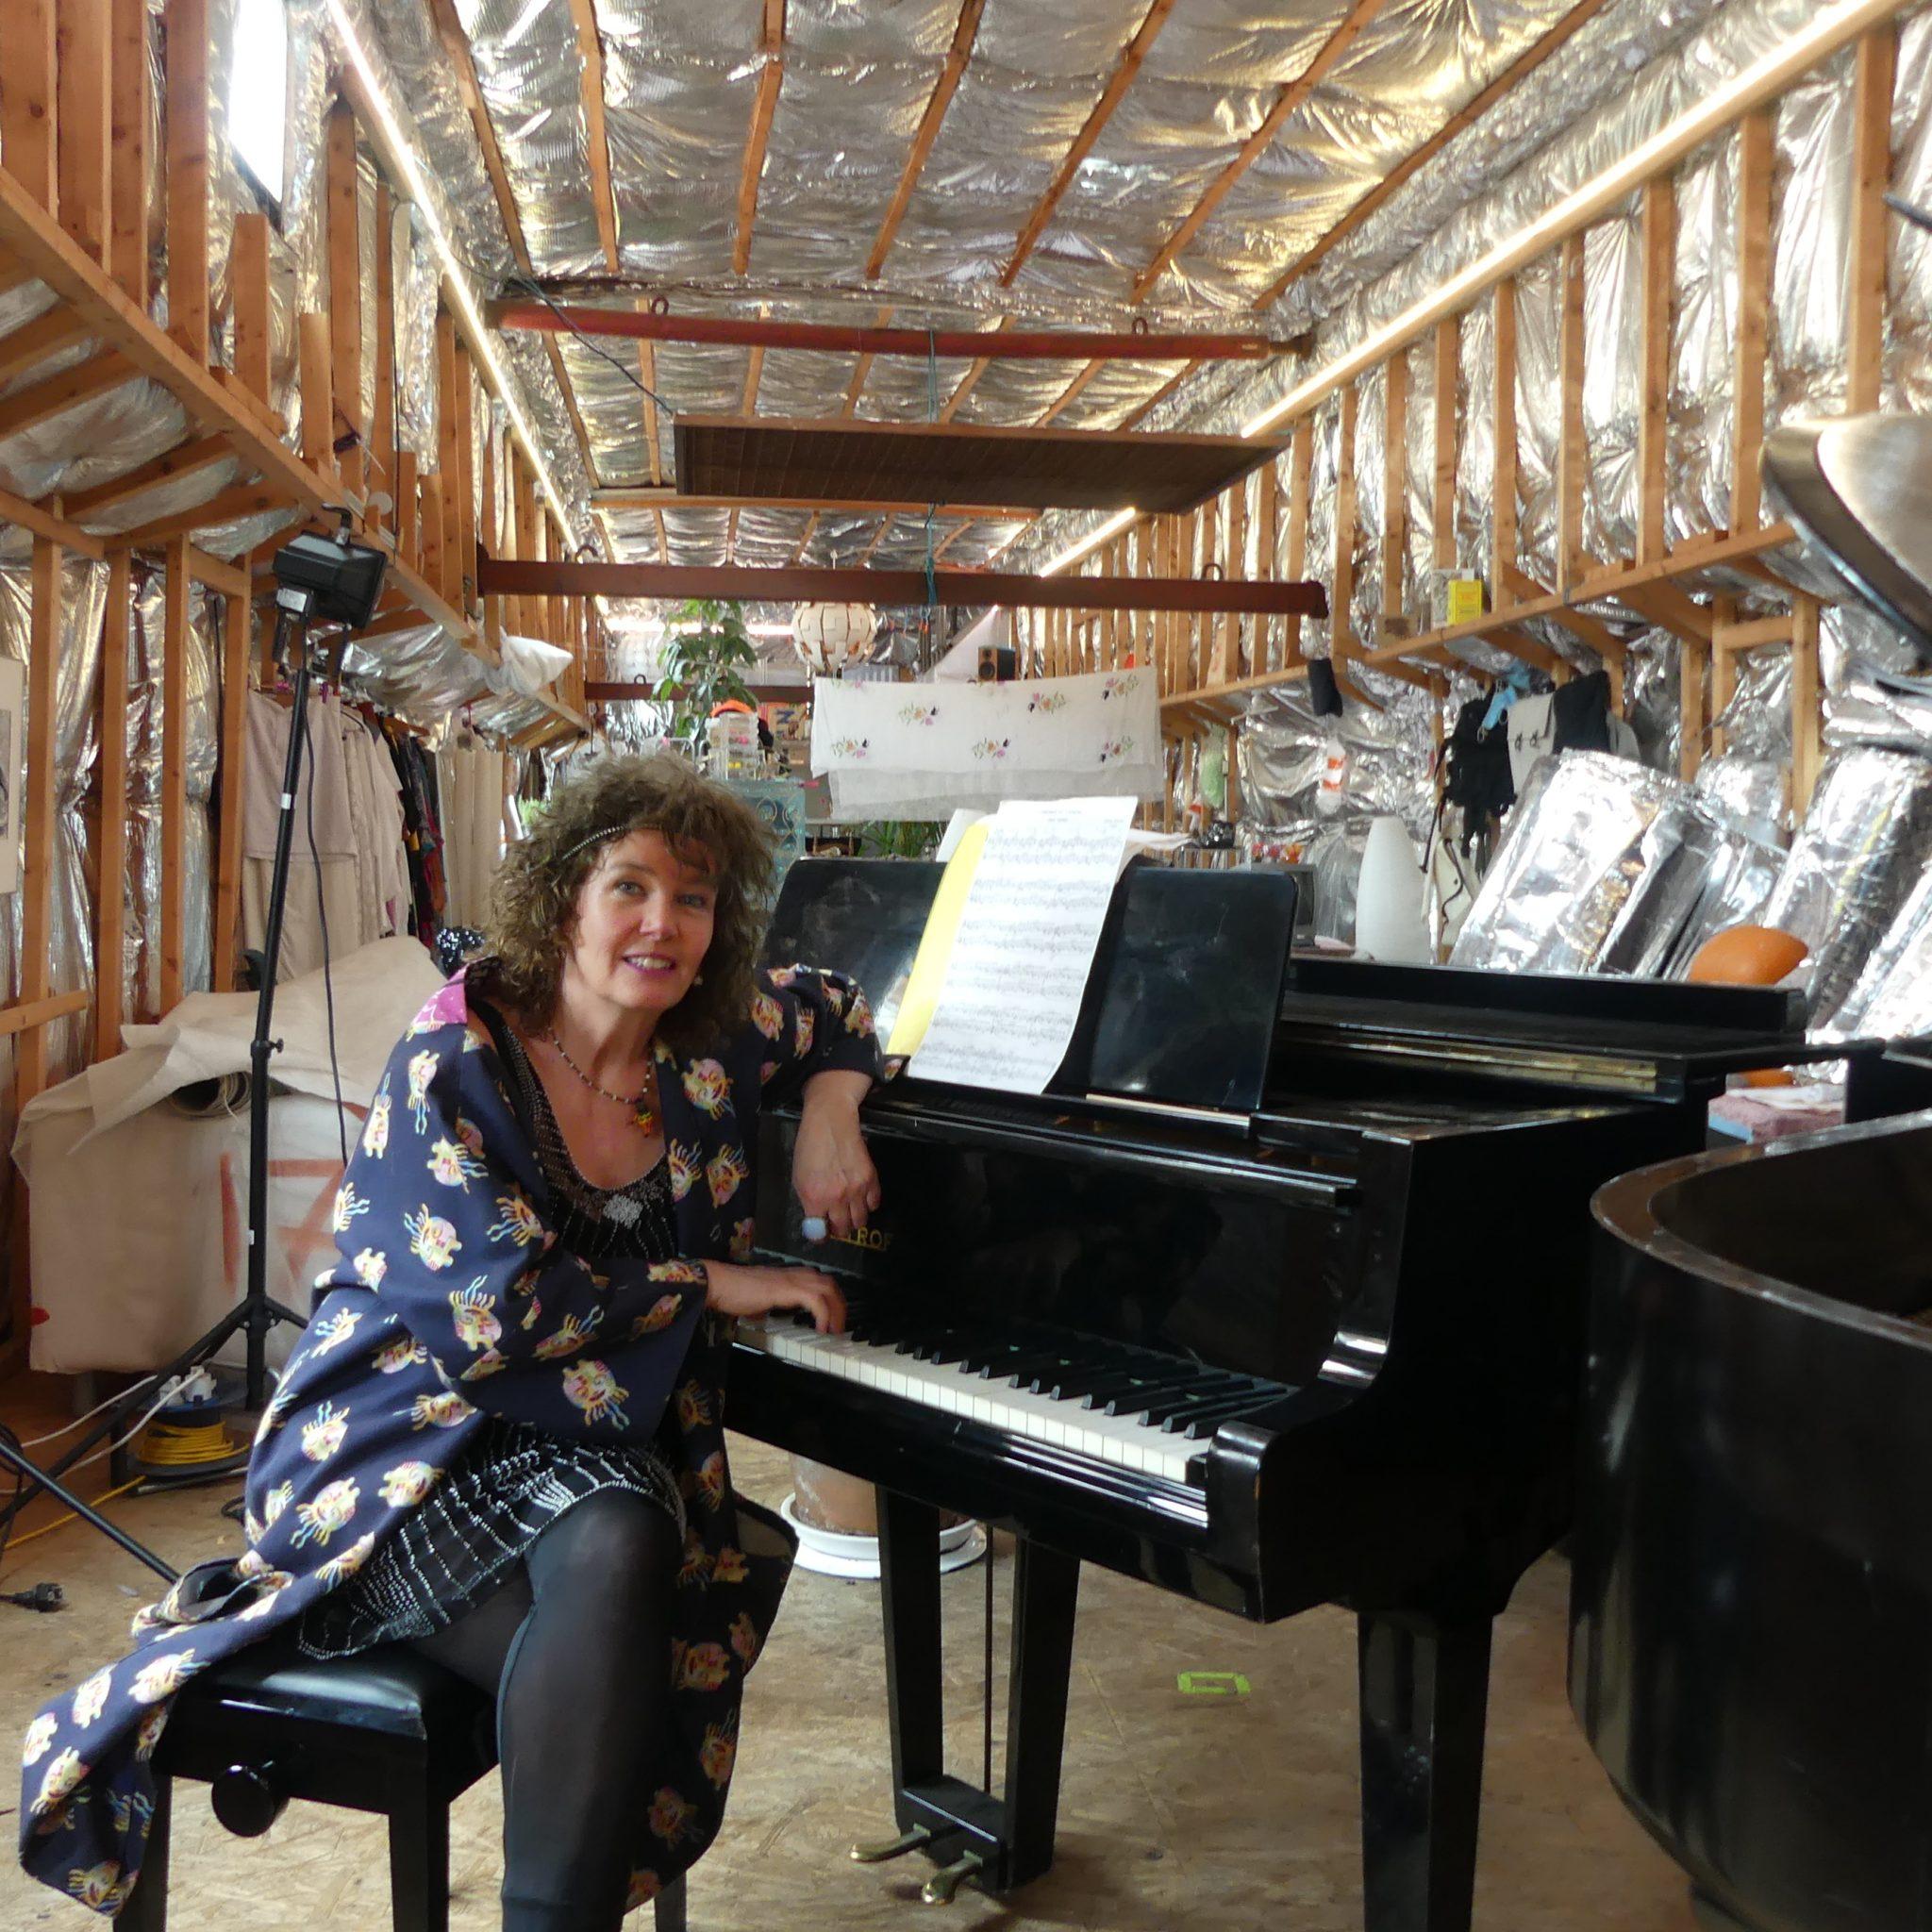 Anmari aan de Petrof in de Lorin. 'Als je in Lima piano's en vleugels kunt hebben, dan kan het ook op een boot.' (Foto Heere Heeresma jr.)